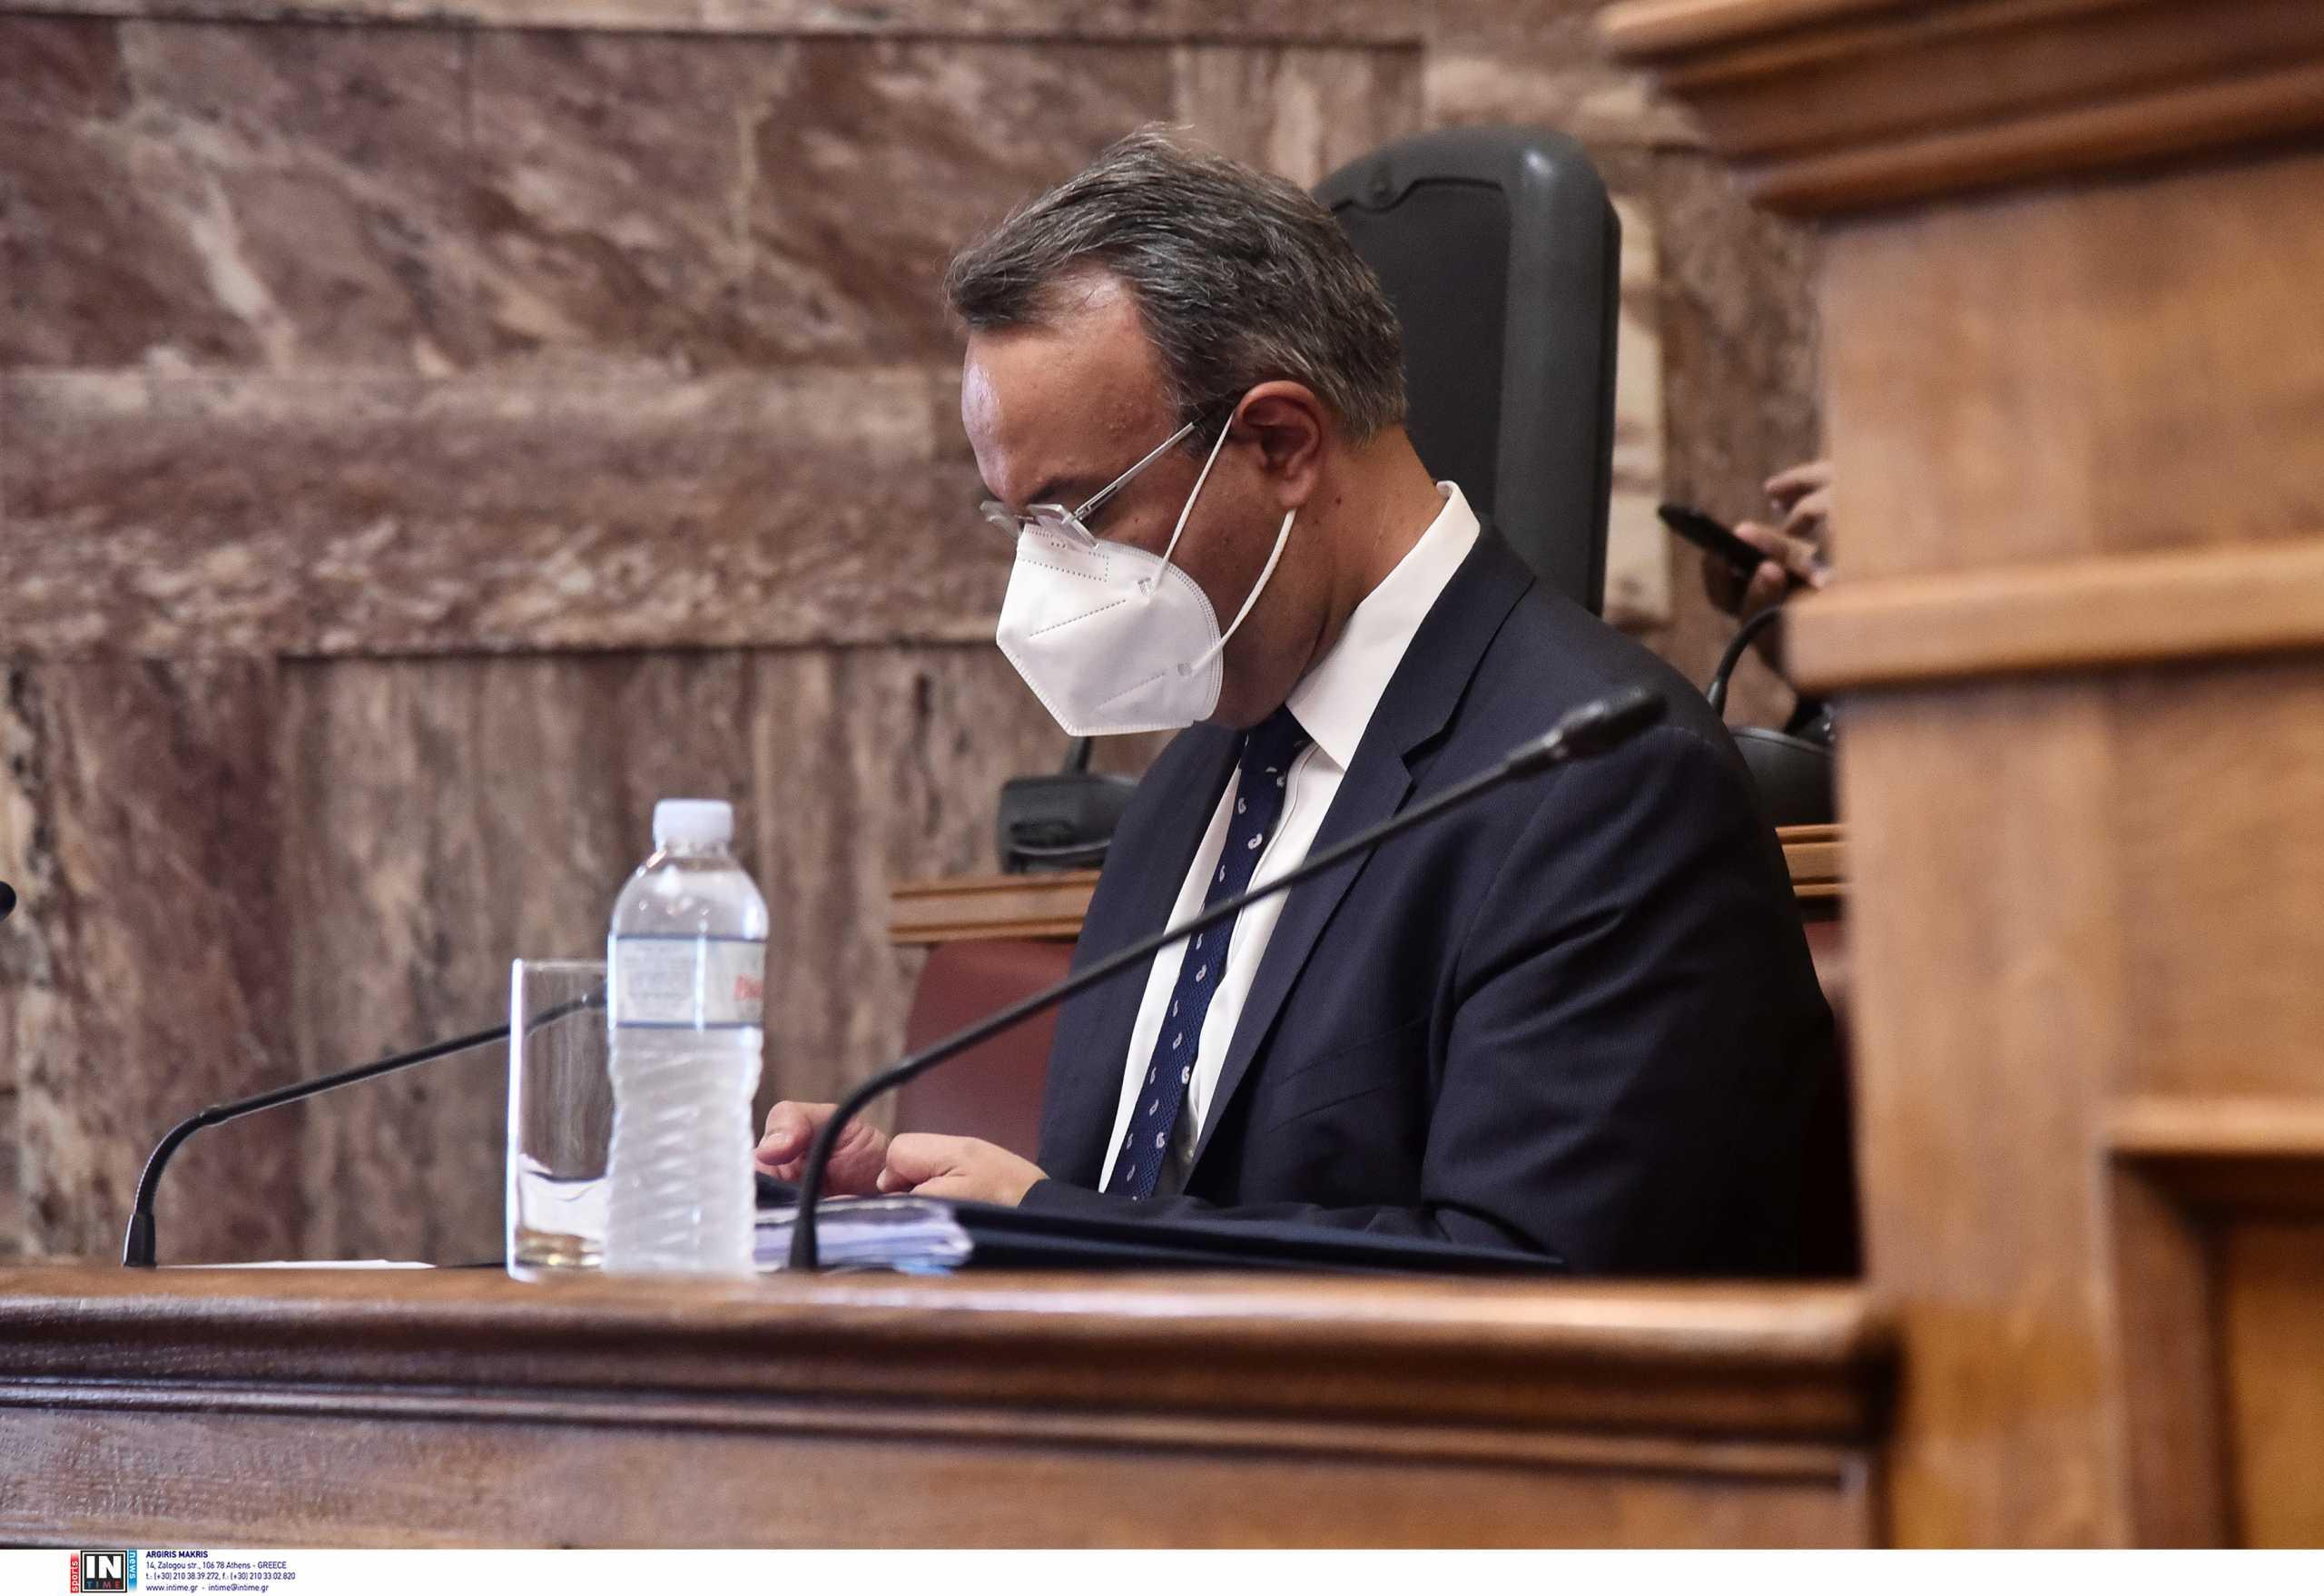 Διαβεβαιώσεις Σταϊκούρα για βελτιώσεις στο νομοσχέδιο για το Νομικό Συμβούλιο του Κράτους και μέτρα στήριξης ΕΑΒ